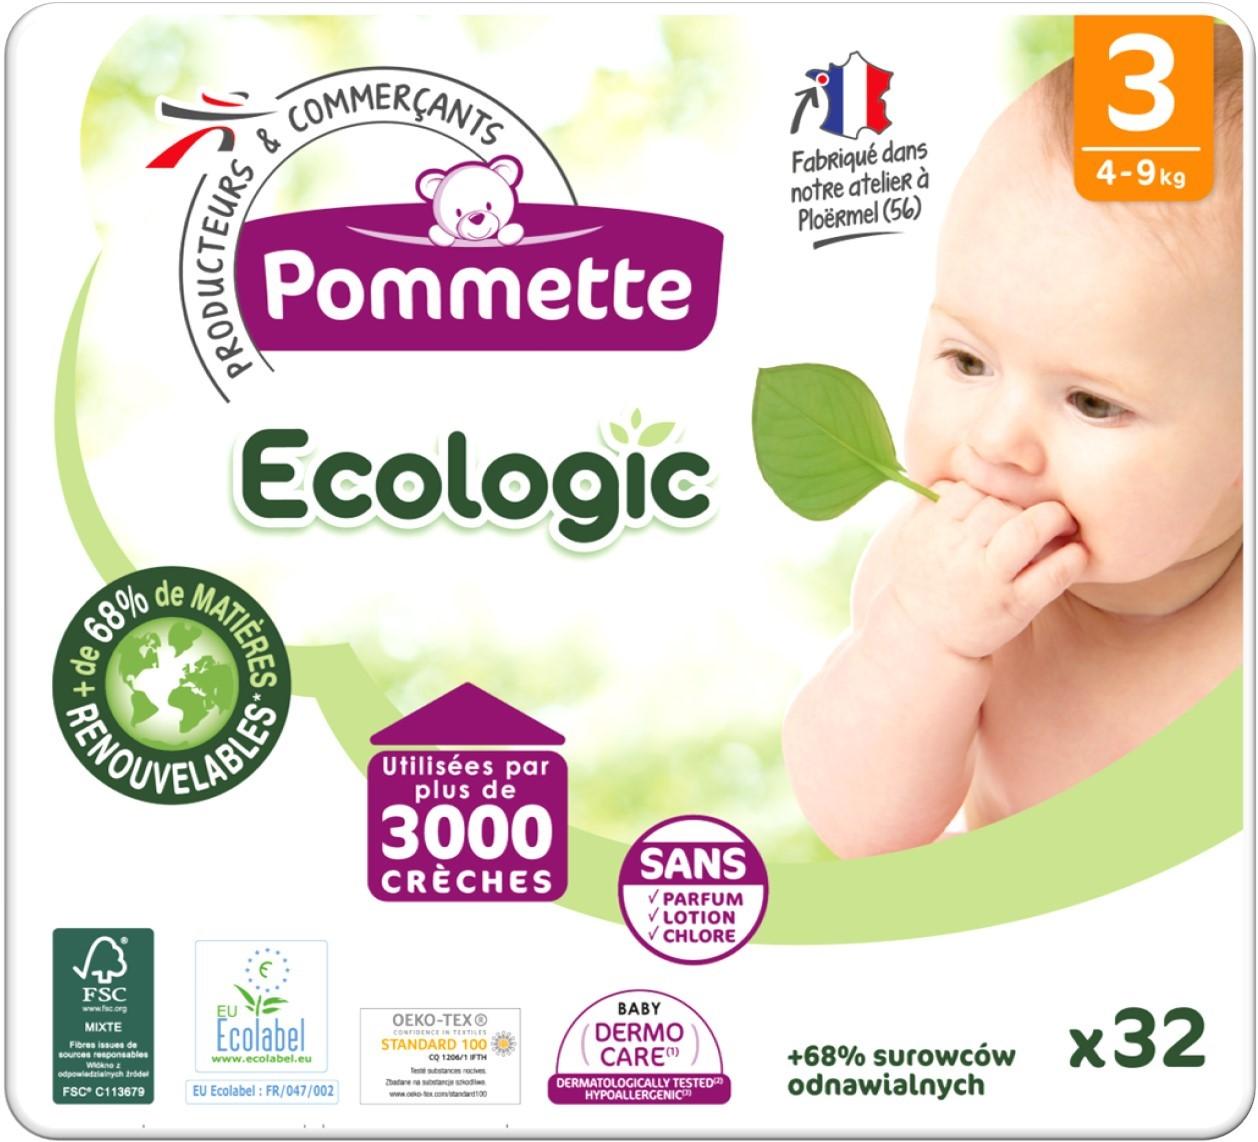 Pommette ecologic T3